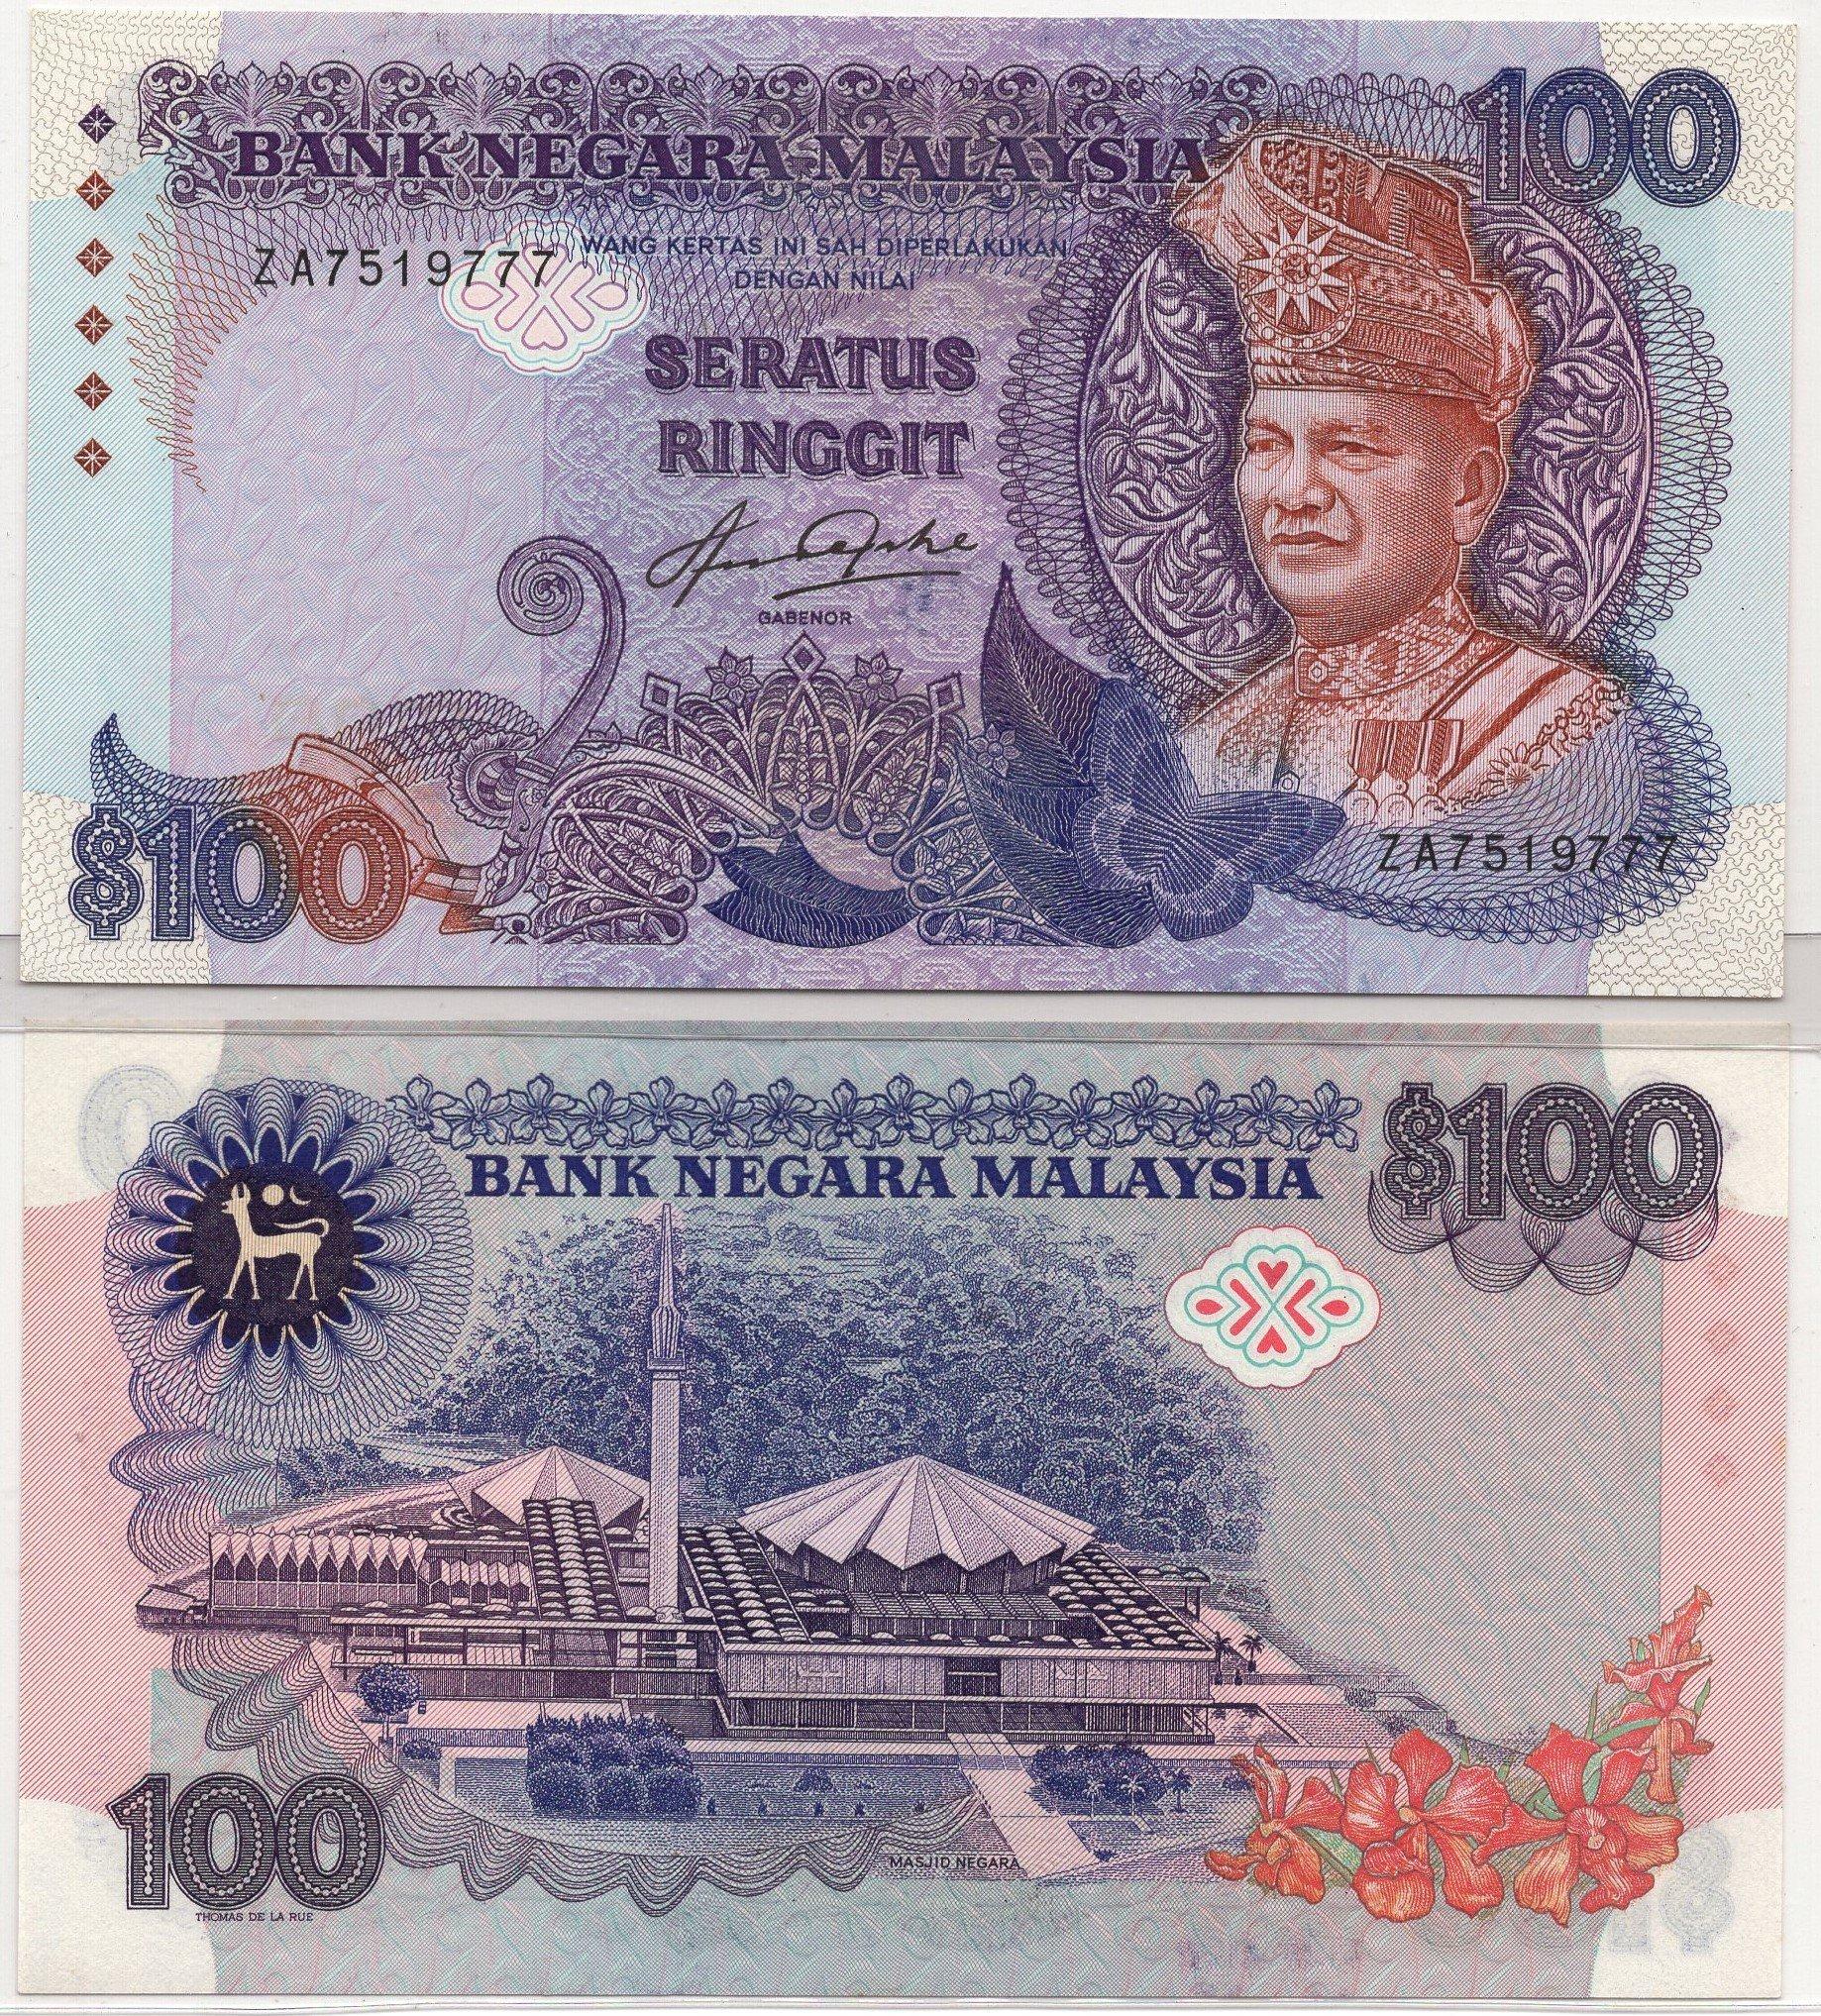 Malaysia 100 ringgit P24